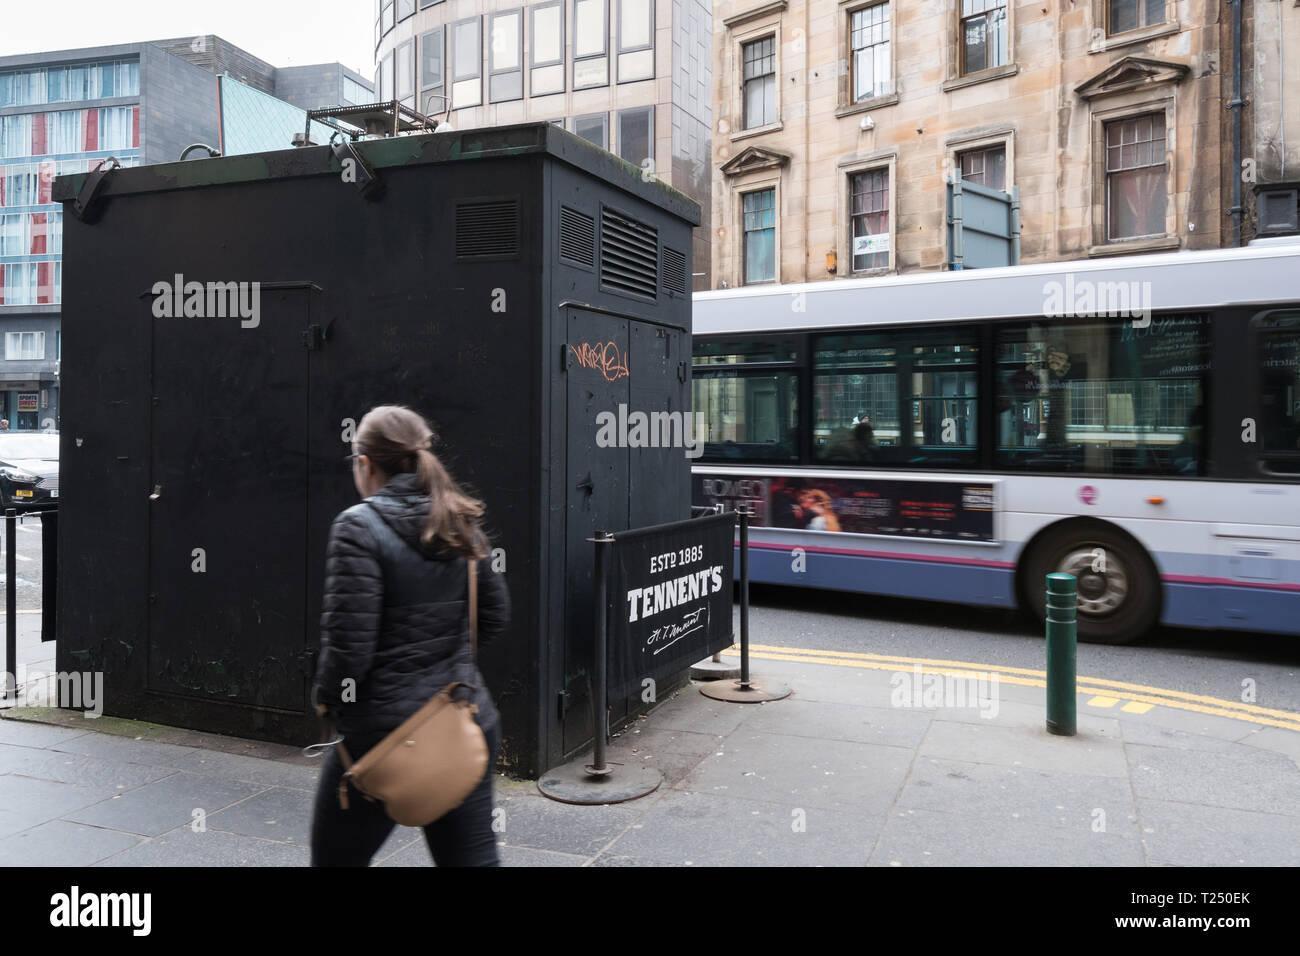 Hope Street Glasgow, am stärksten verschmutzten Schottlands street-bus vorbeifahren Curbside Überwachung der Luftqualität Website - Glasgow, Schottland, Großbritannien Stockbild